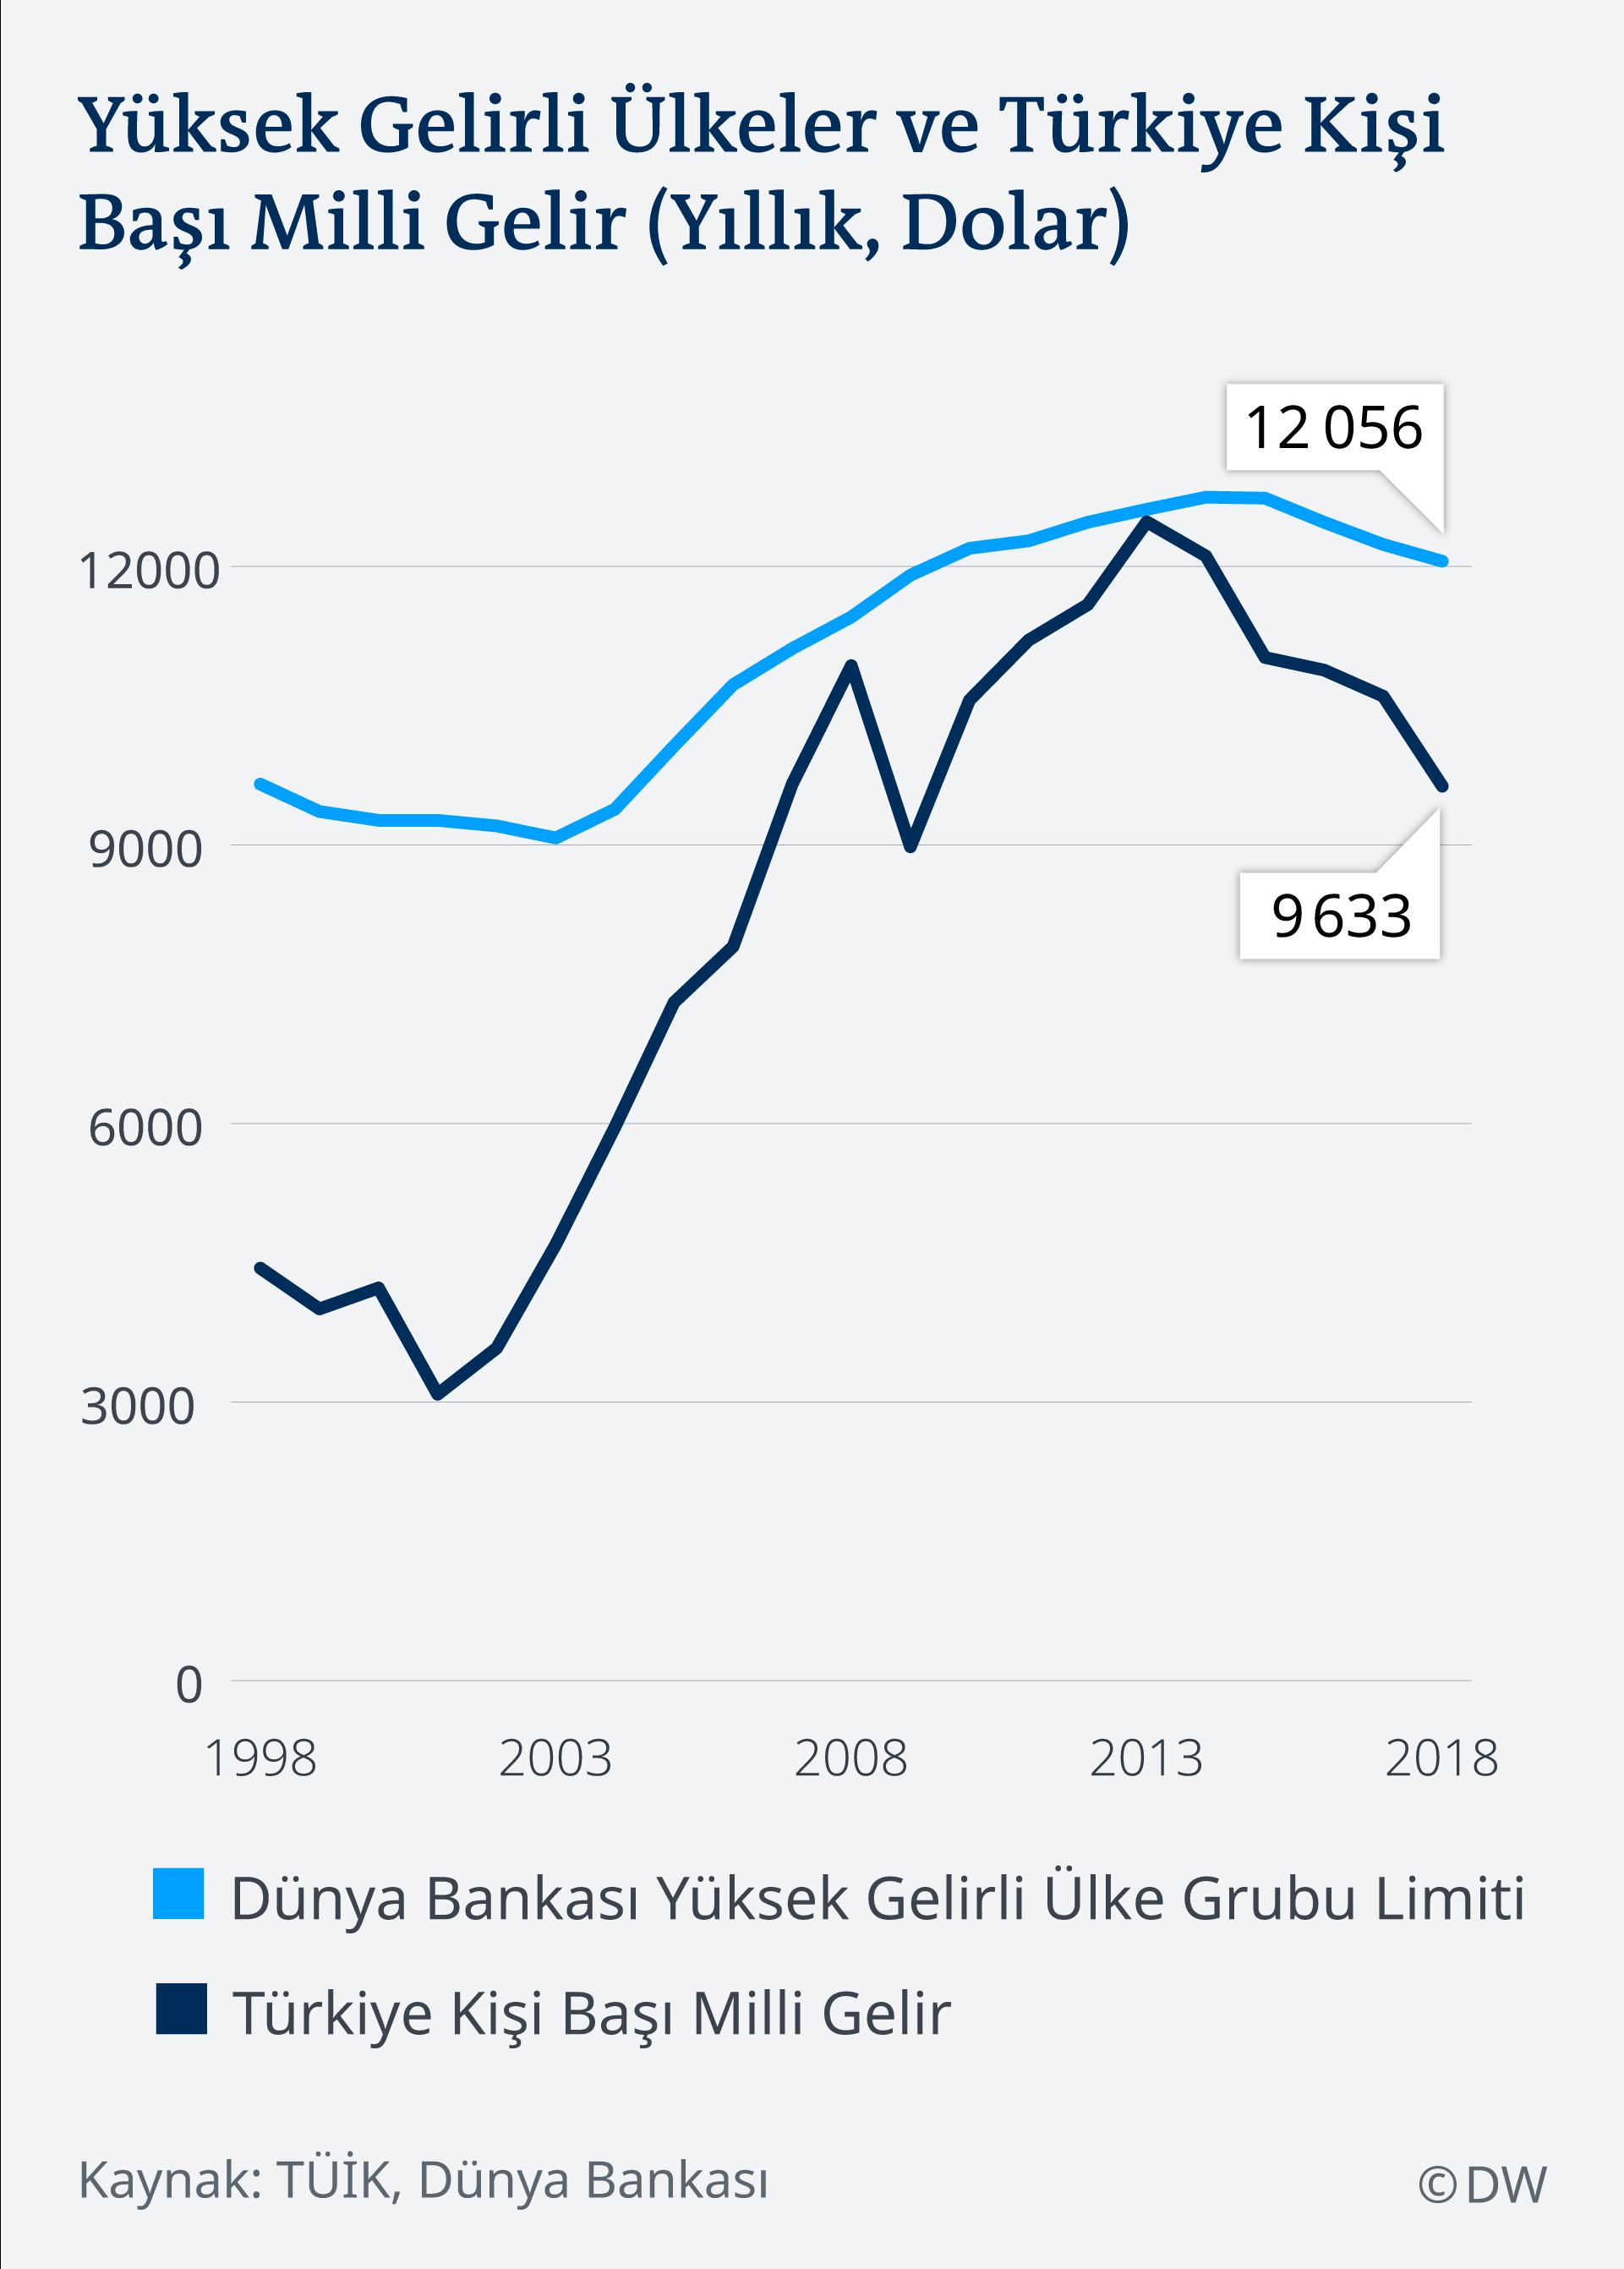 Infografik türkische Wirtschaft TR